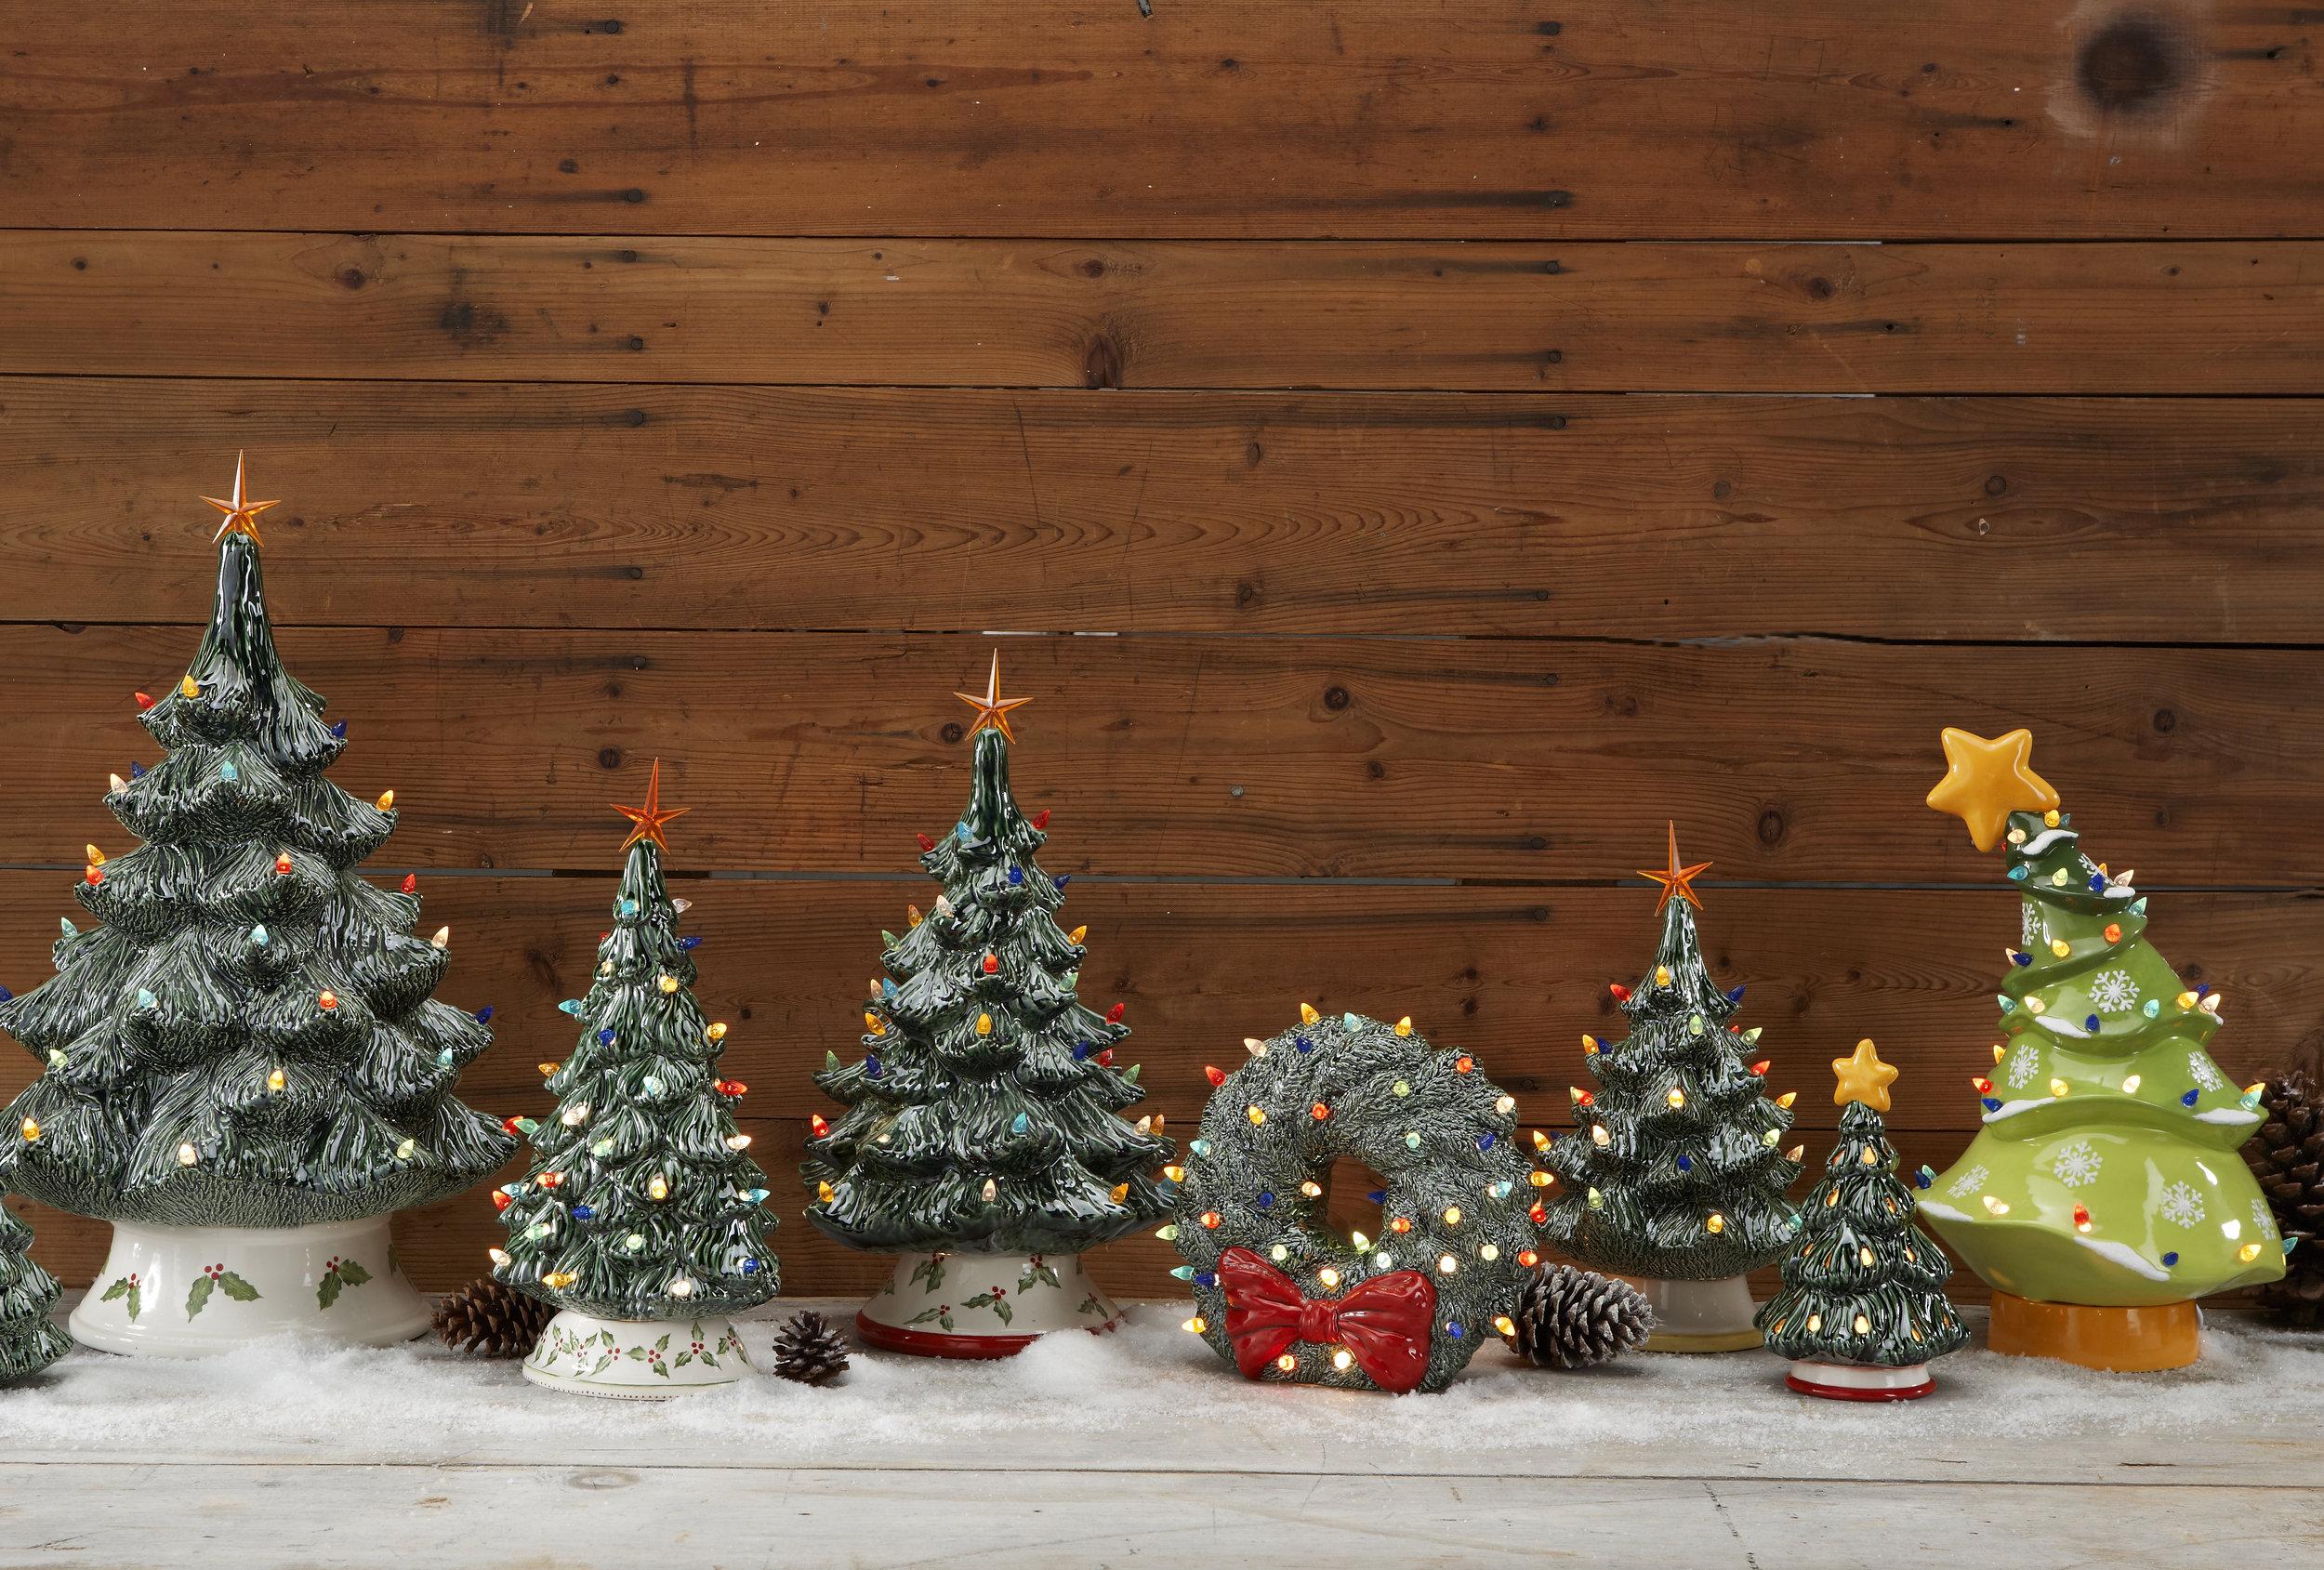 Christmas Trees in Row.jpg